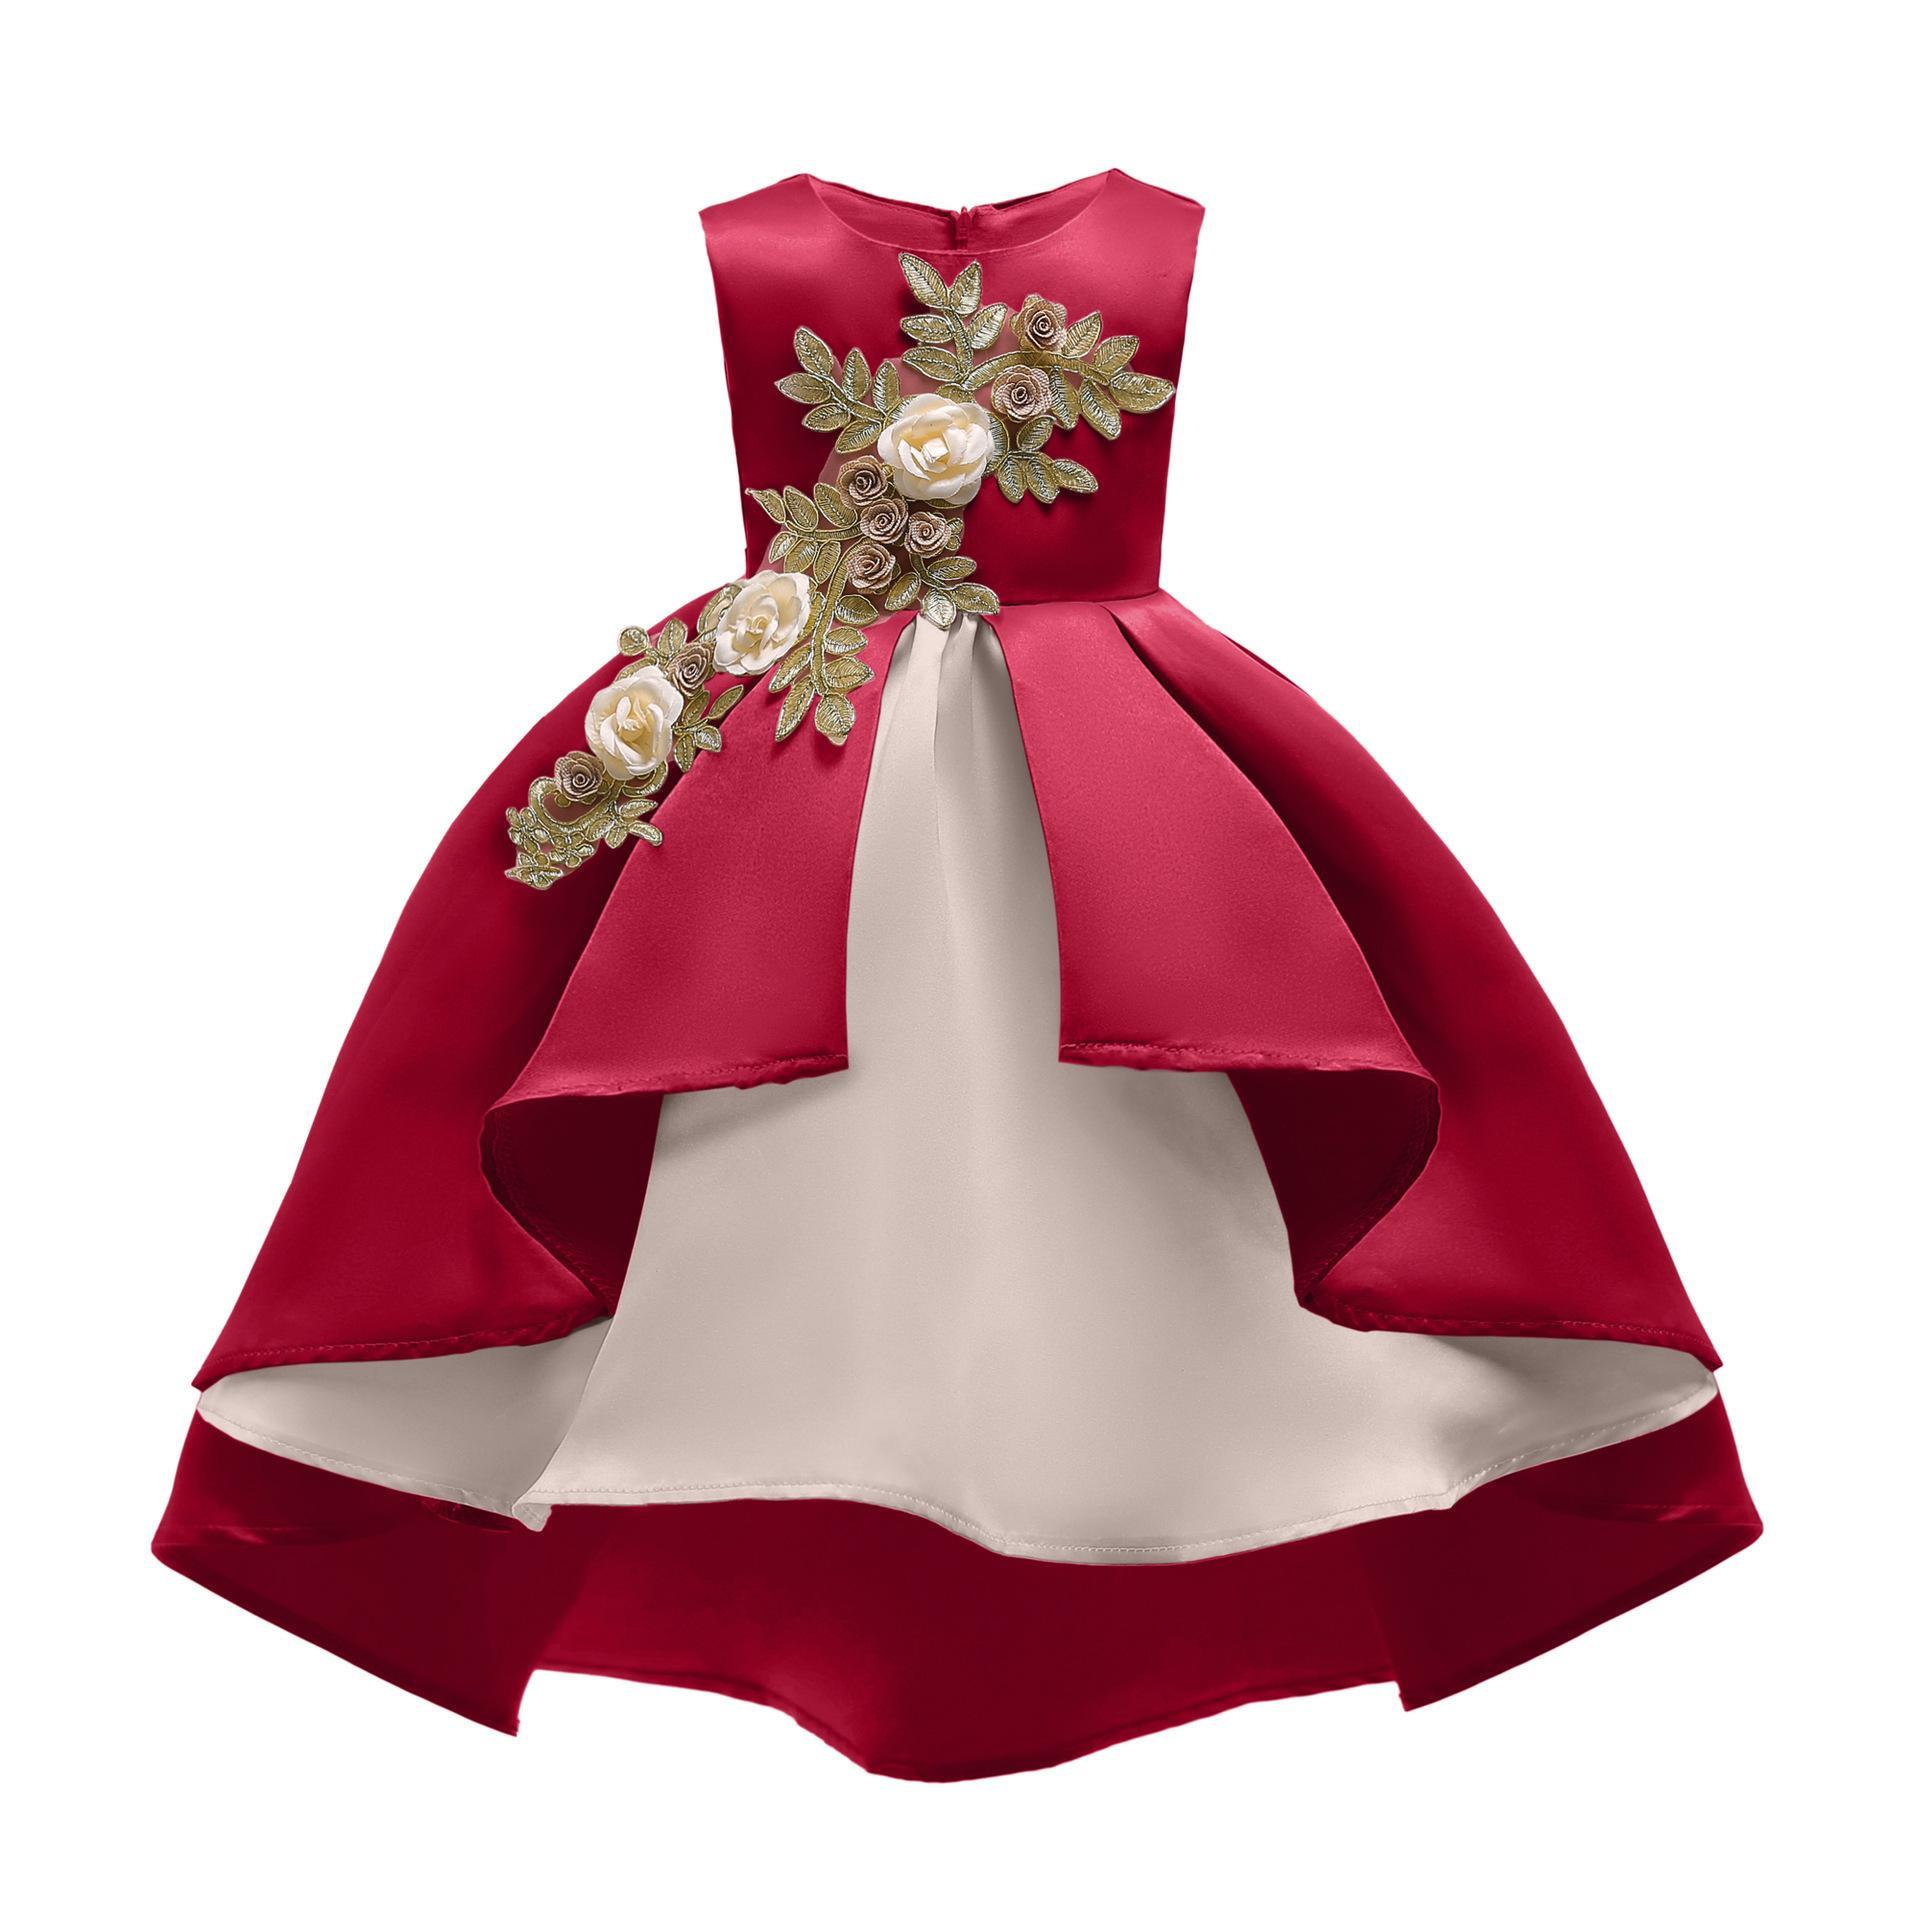 20 Großartig Abendkleid Für Kinder Vertrieb15 Erstaunlich Abendkleid Für Kinder Bester Preis